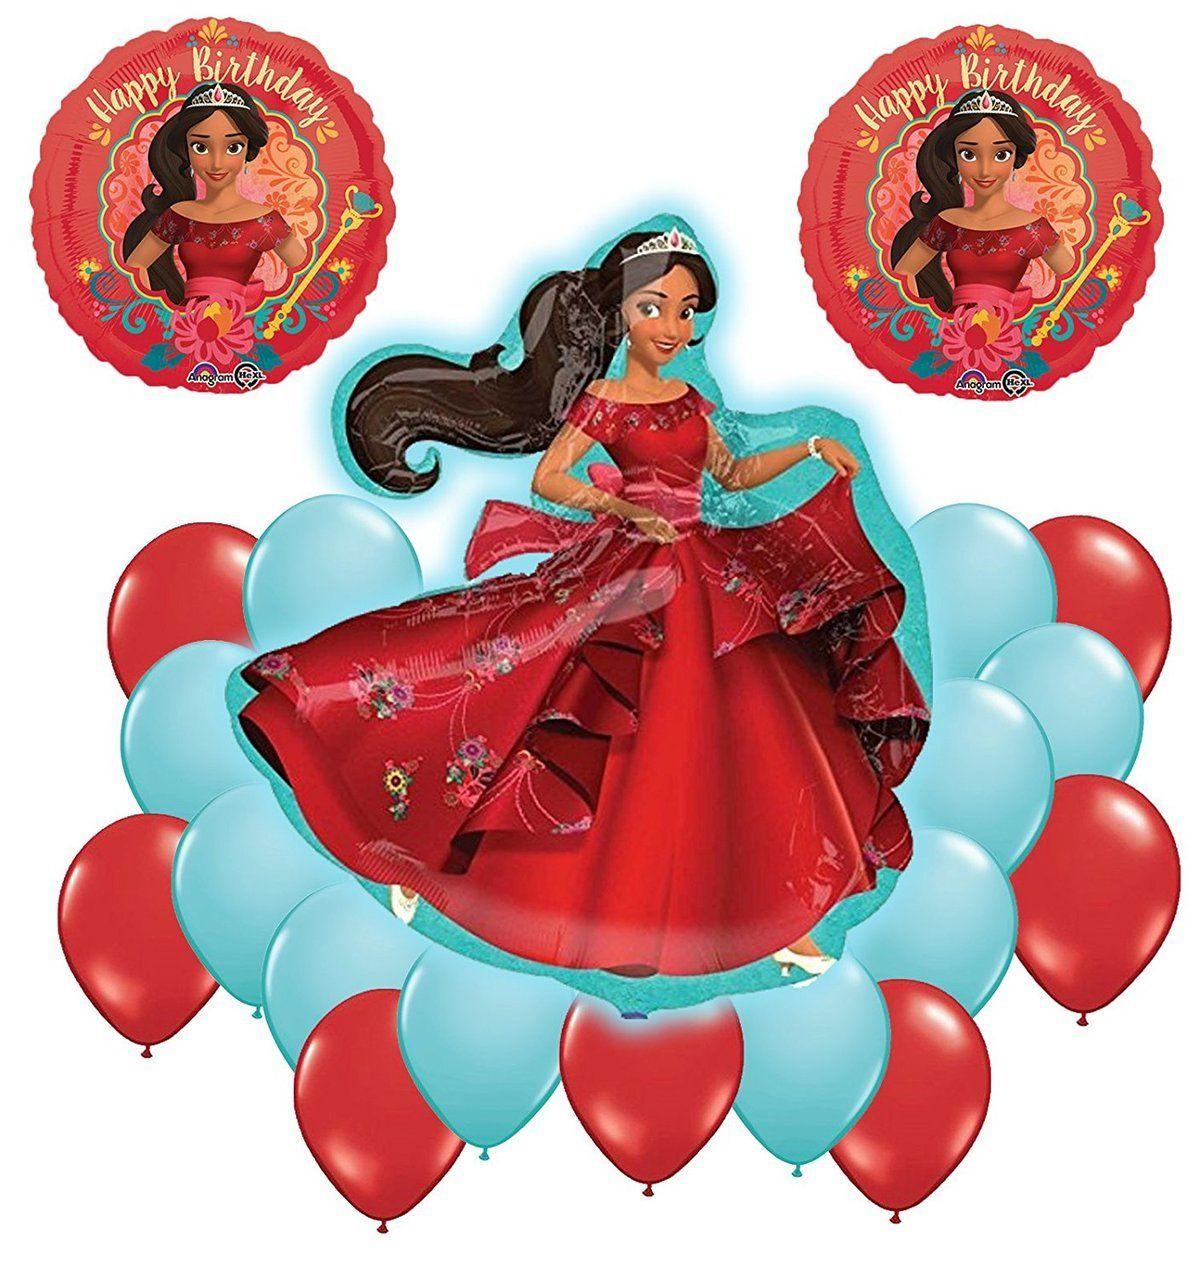 Elena de avalor ballons foil balloon